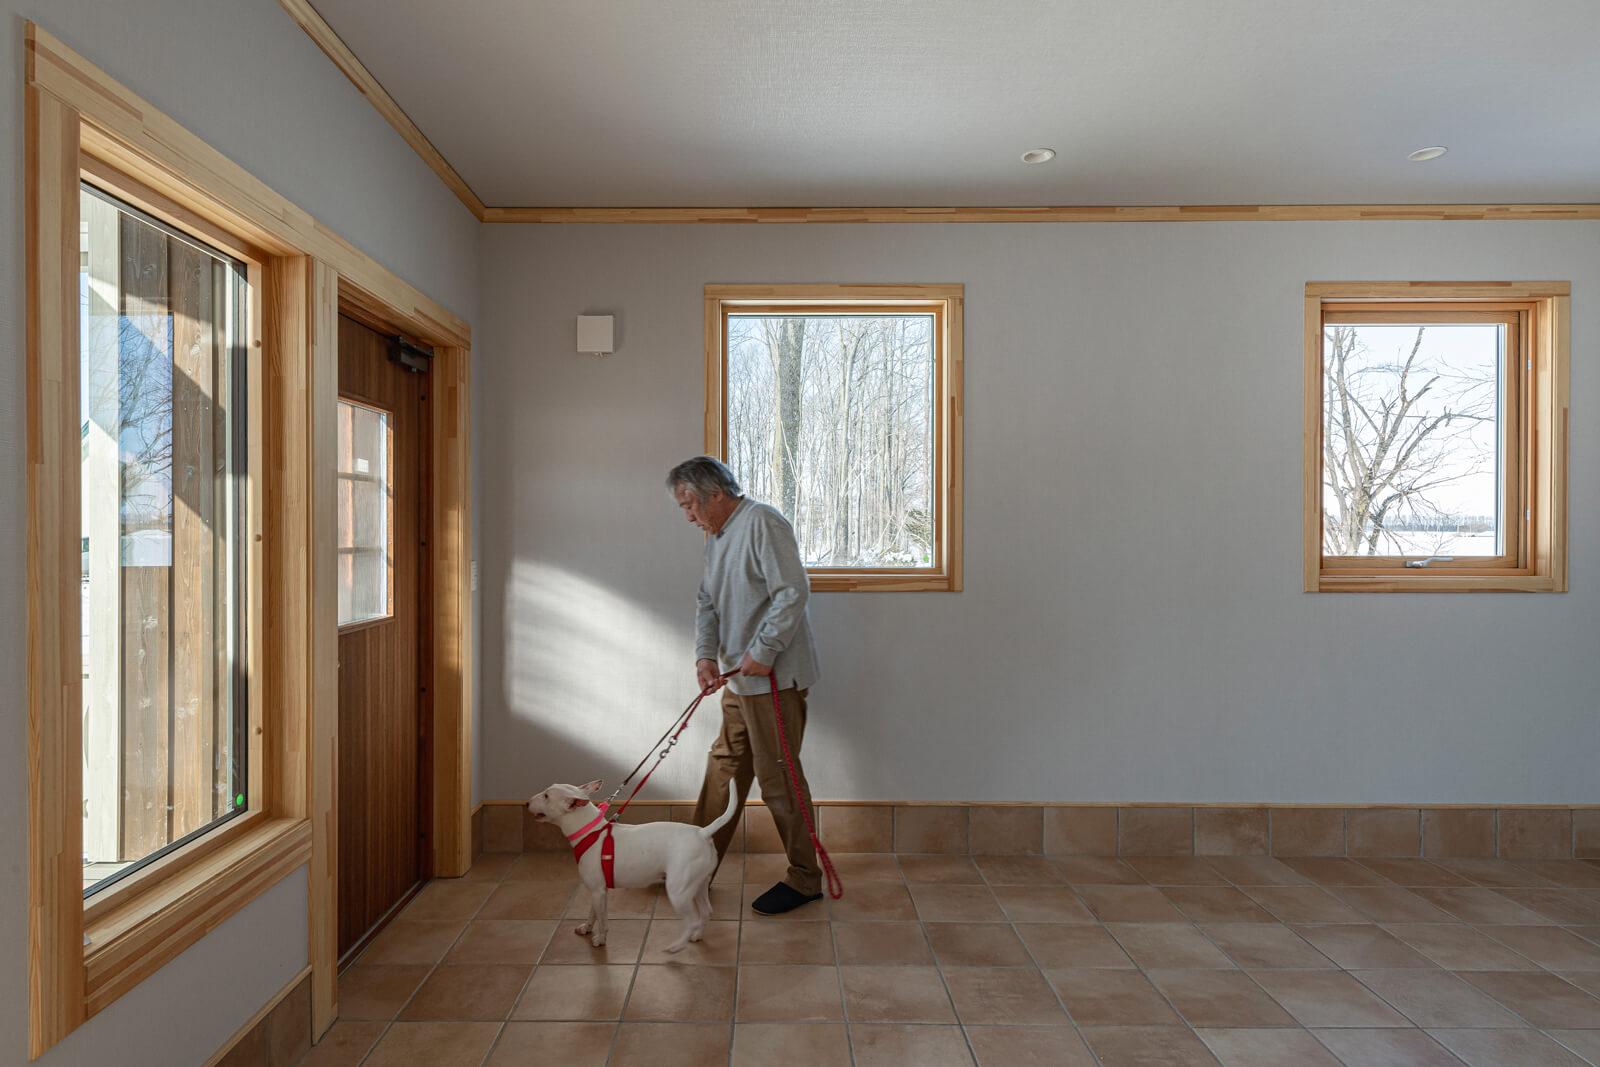 玄関を開けると、3匹の愛犬のために設えた広々とした土間空間がある。今後はその一部を利用して、Aさんの趣味室として活用する予定